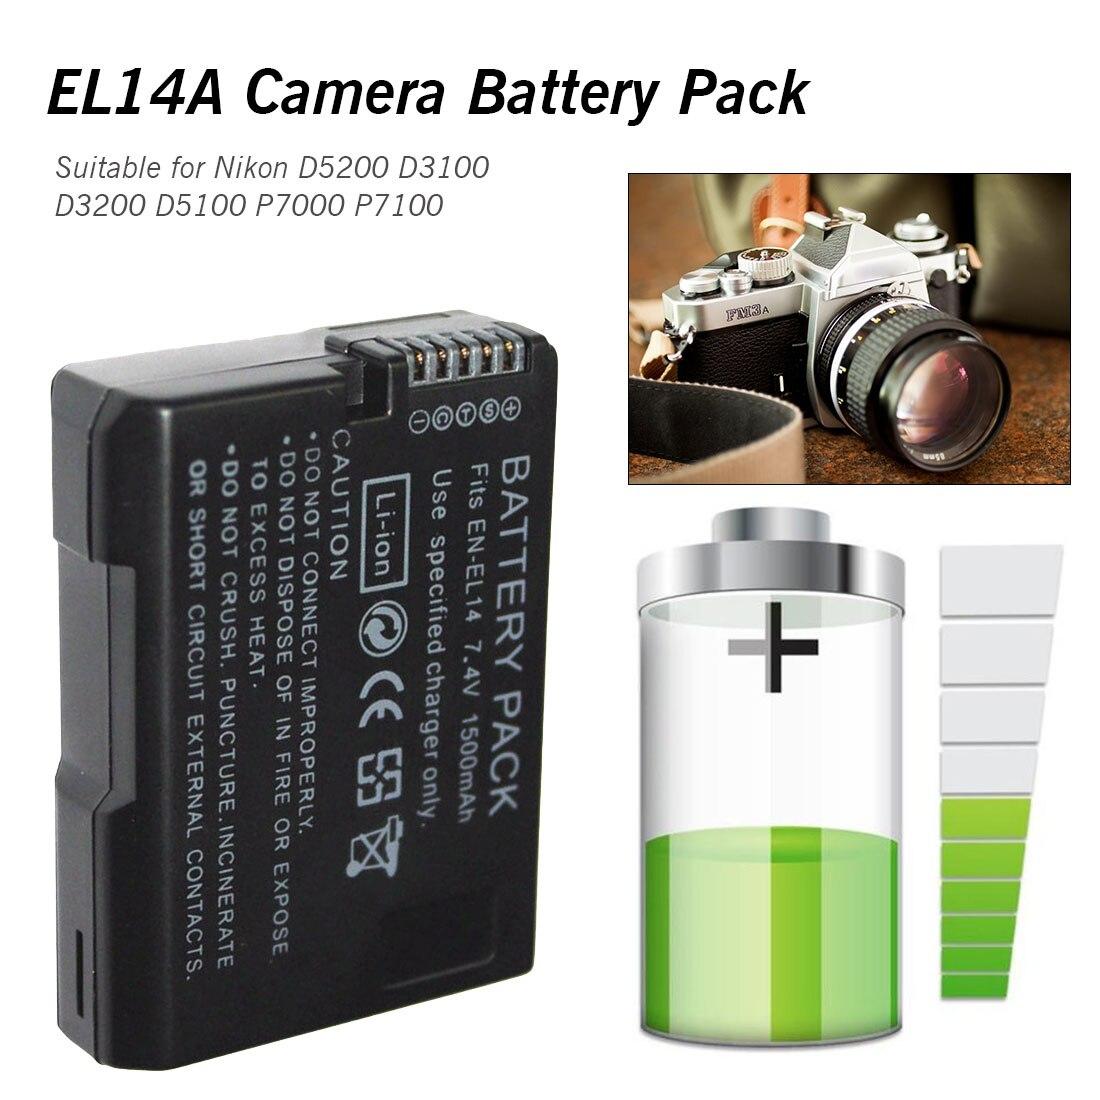 Rechargeable Appareil Photo Numérique EN-EL14 ENEL14 EN EL14 Batterie Pour Nikon D5200 D3100 D3200 D5100 P7000 P7100 MH-24 DSLR Caméra